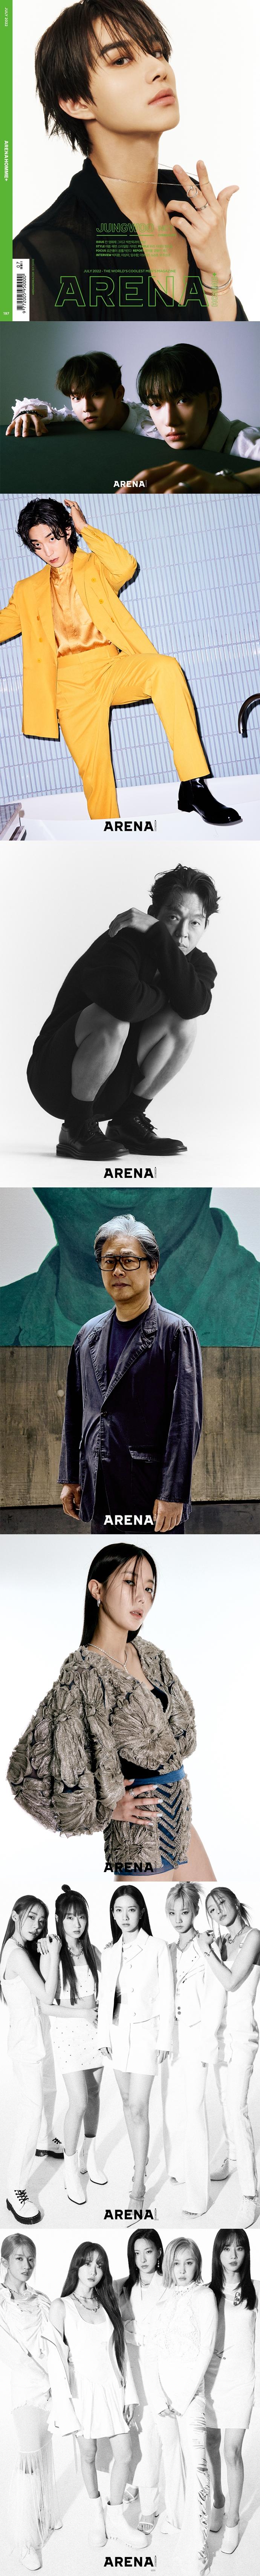 아레나옴므+(ARENA HOMME+)(7월호) 도서 상세이미지